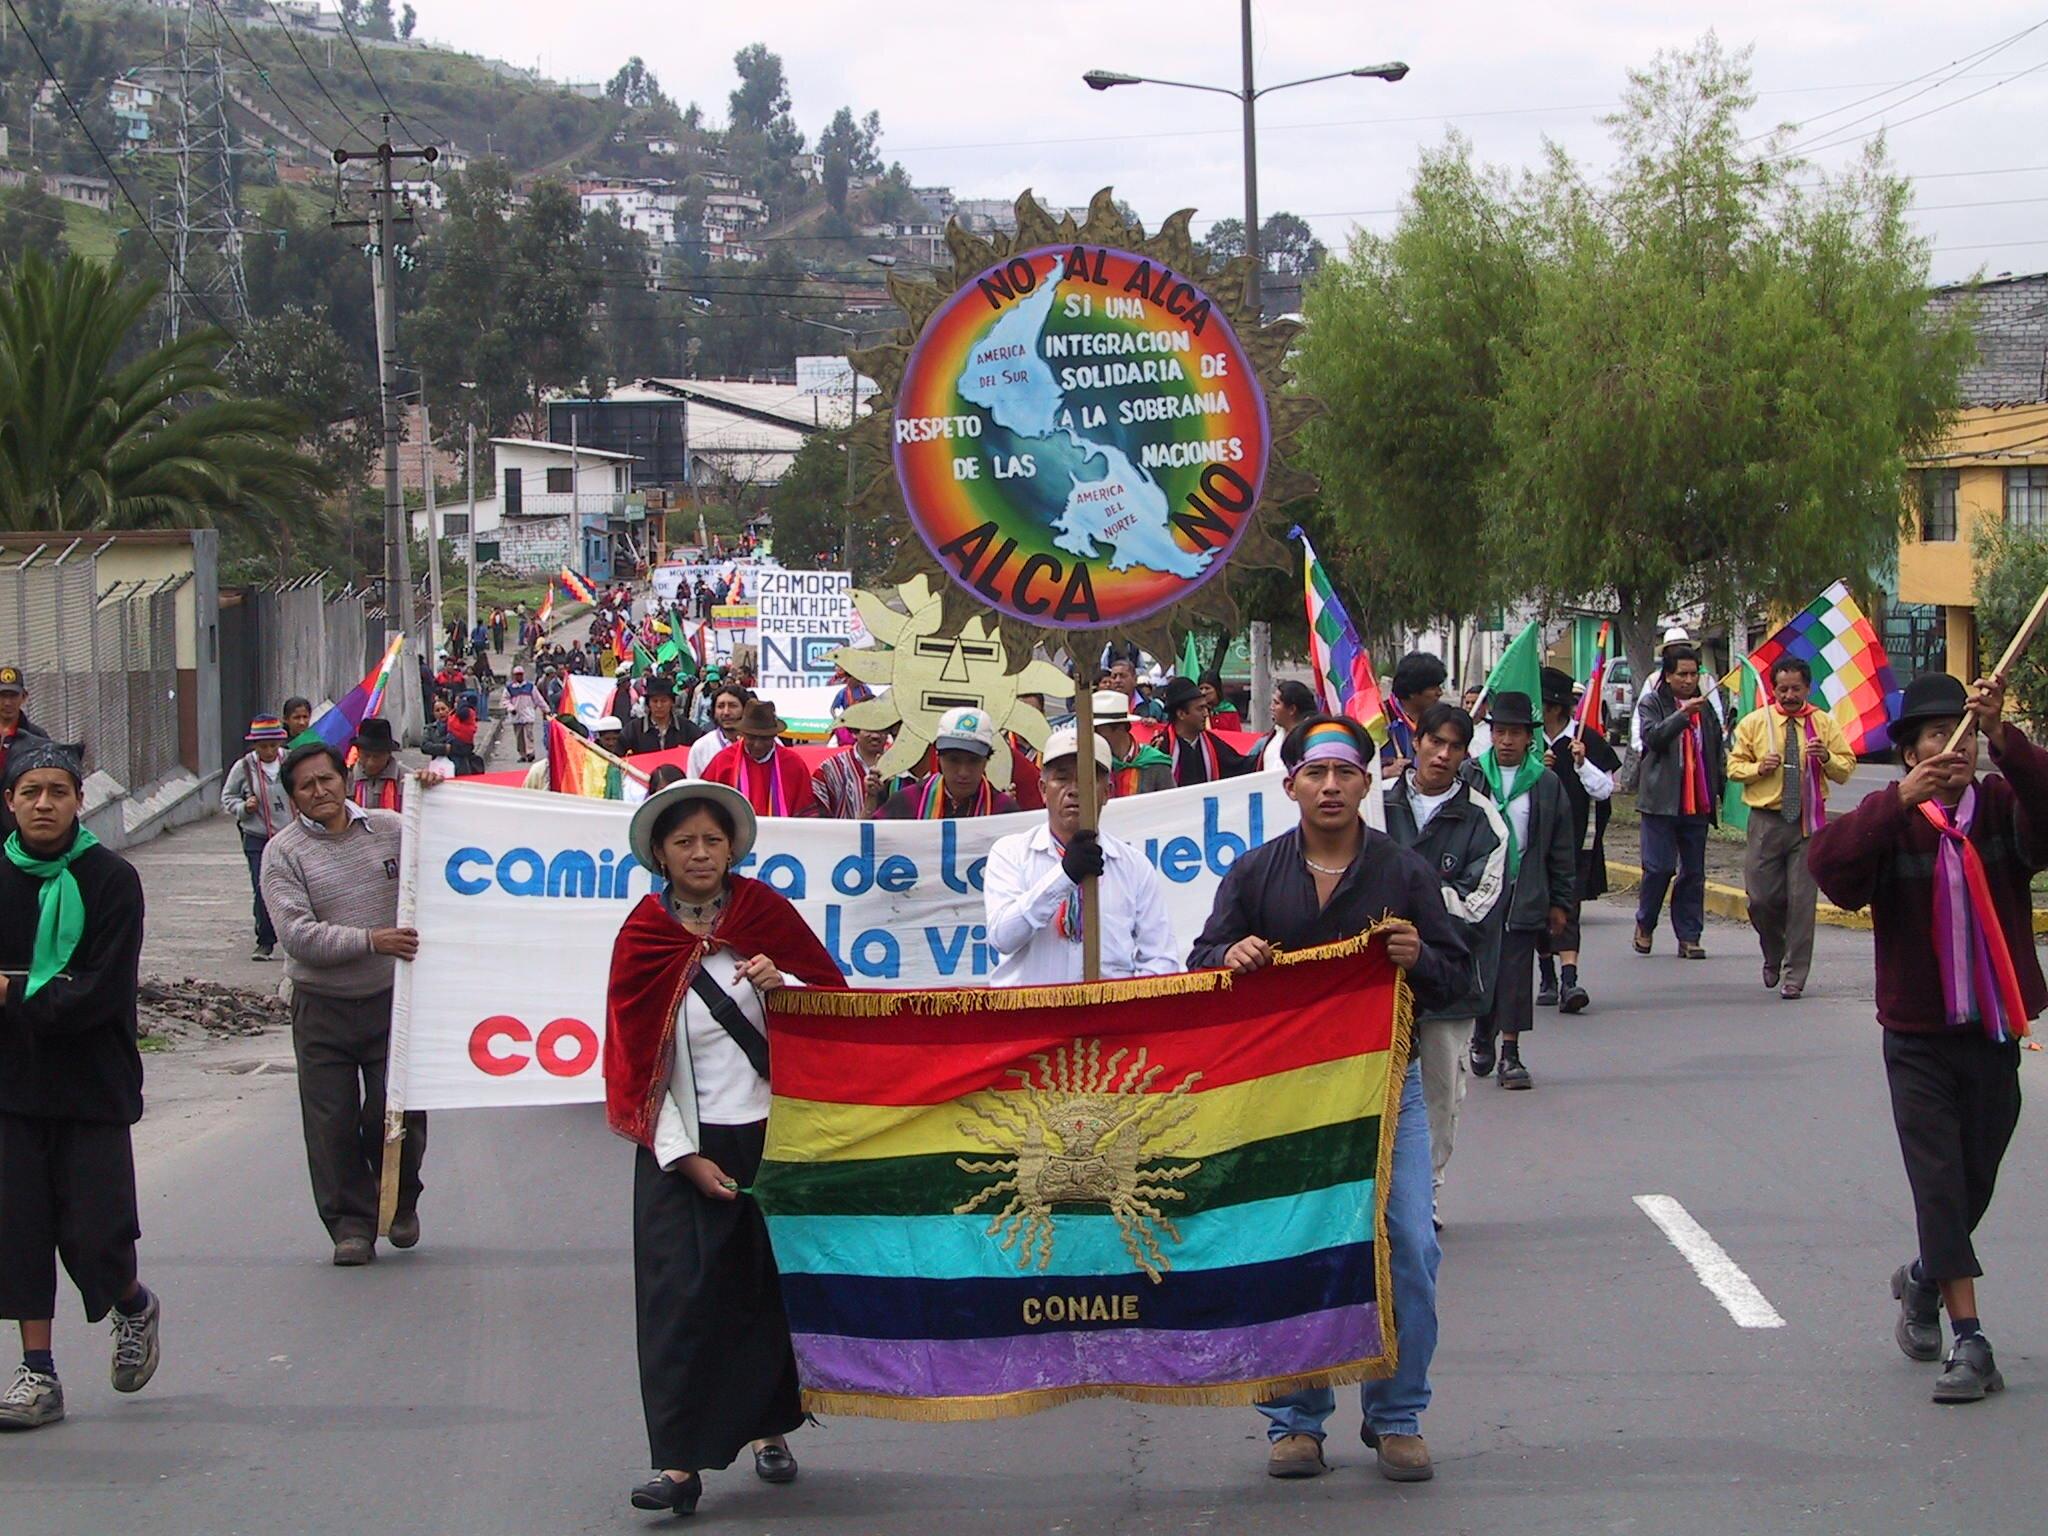 Quito_March_Bandera_CONAIE_2.JPG